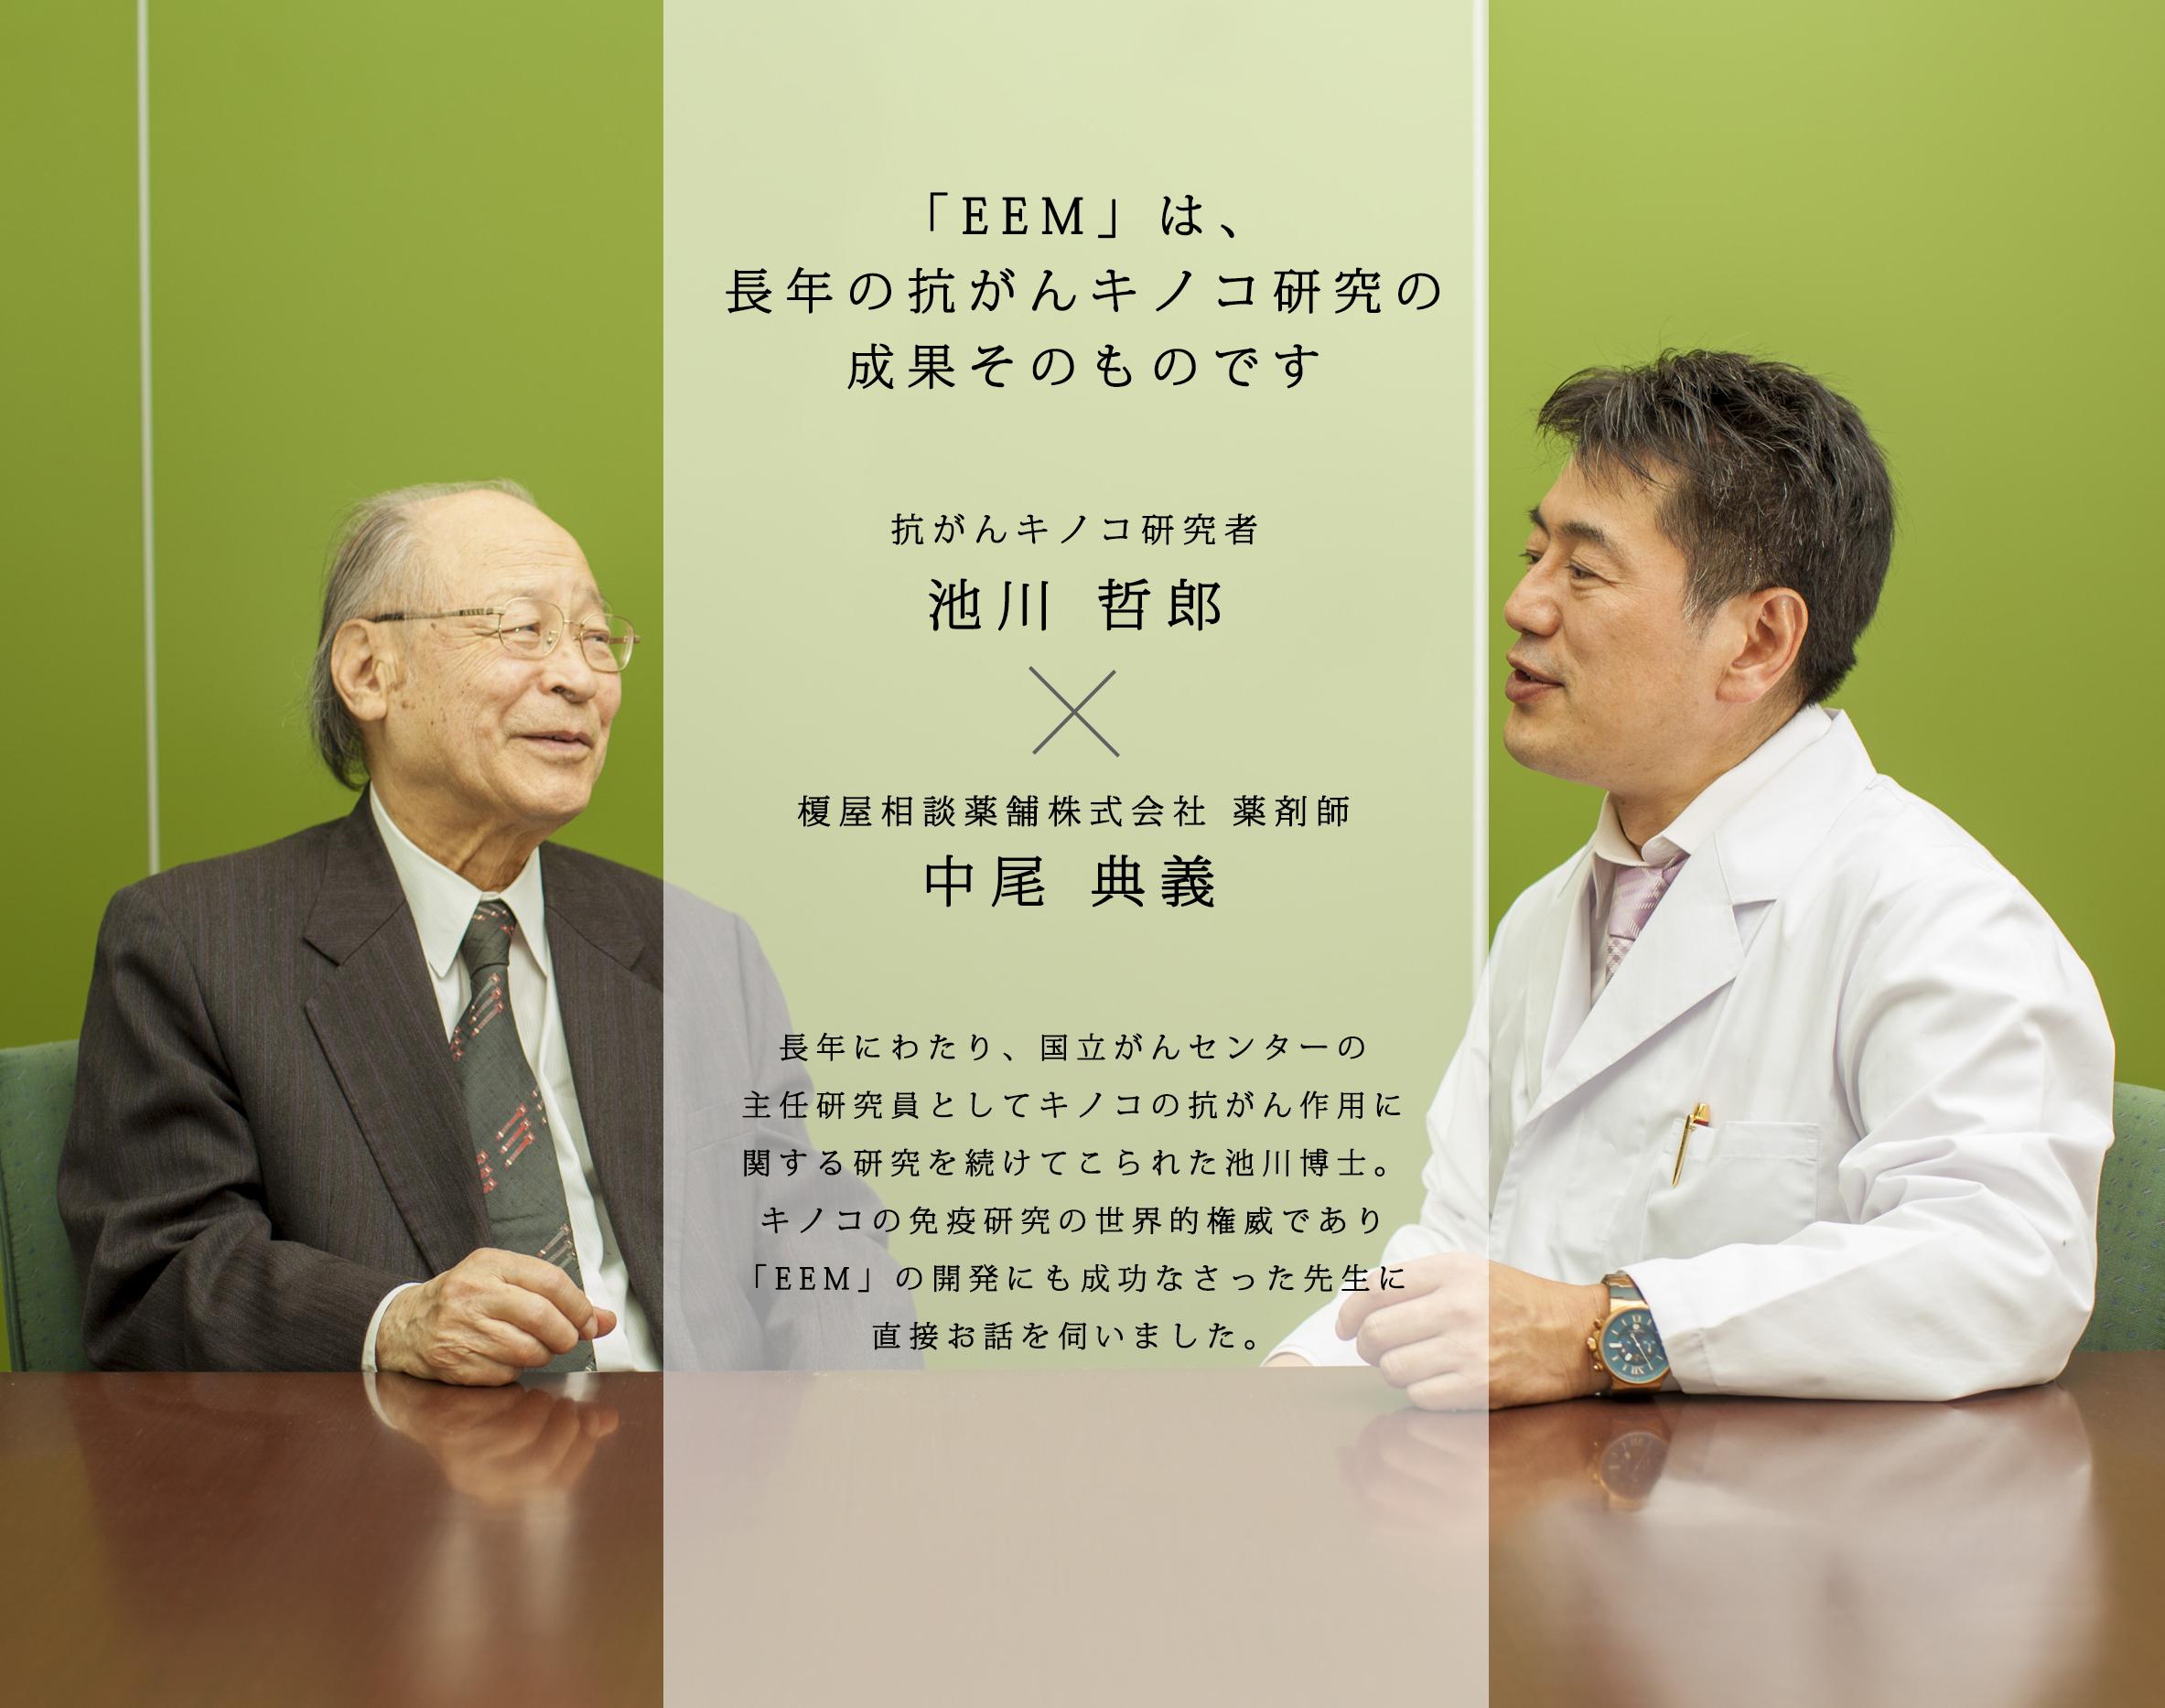 「EEM」は、長年の抗がんキノコ研究の成果そのものです。